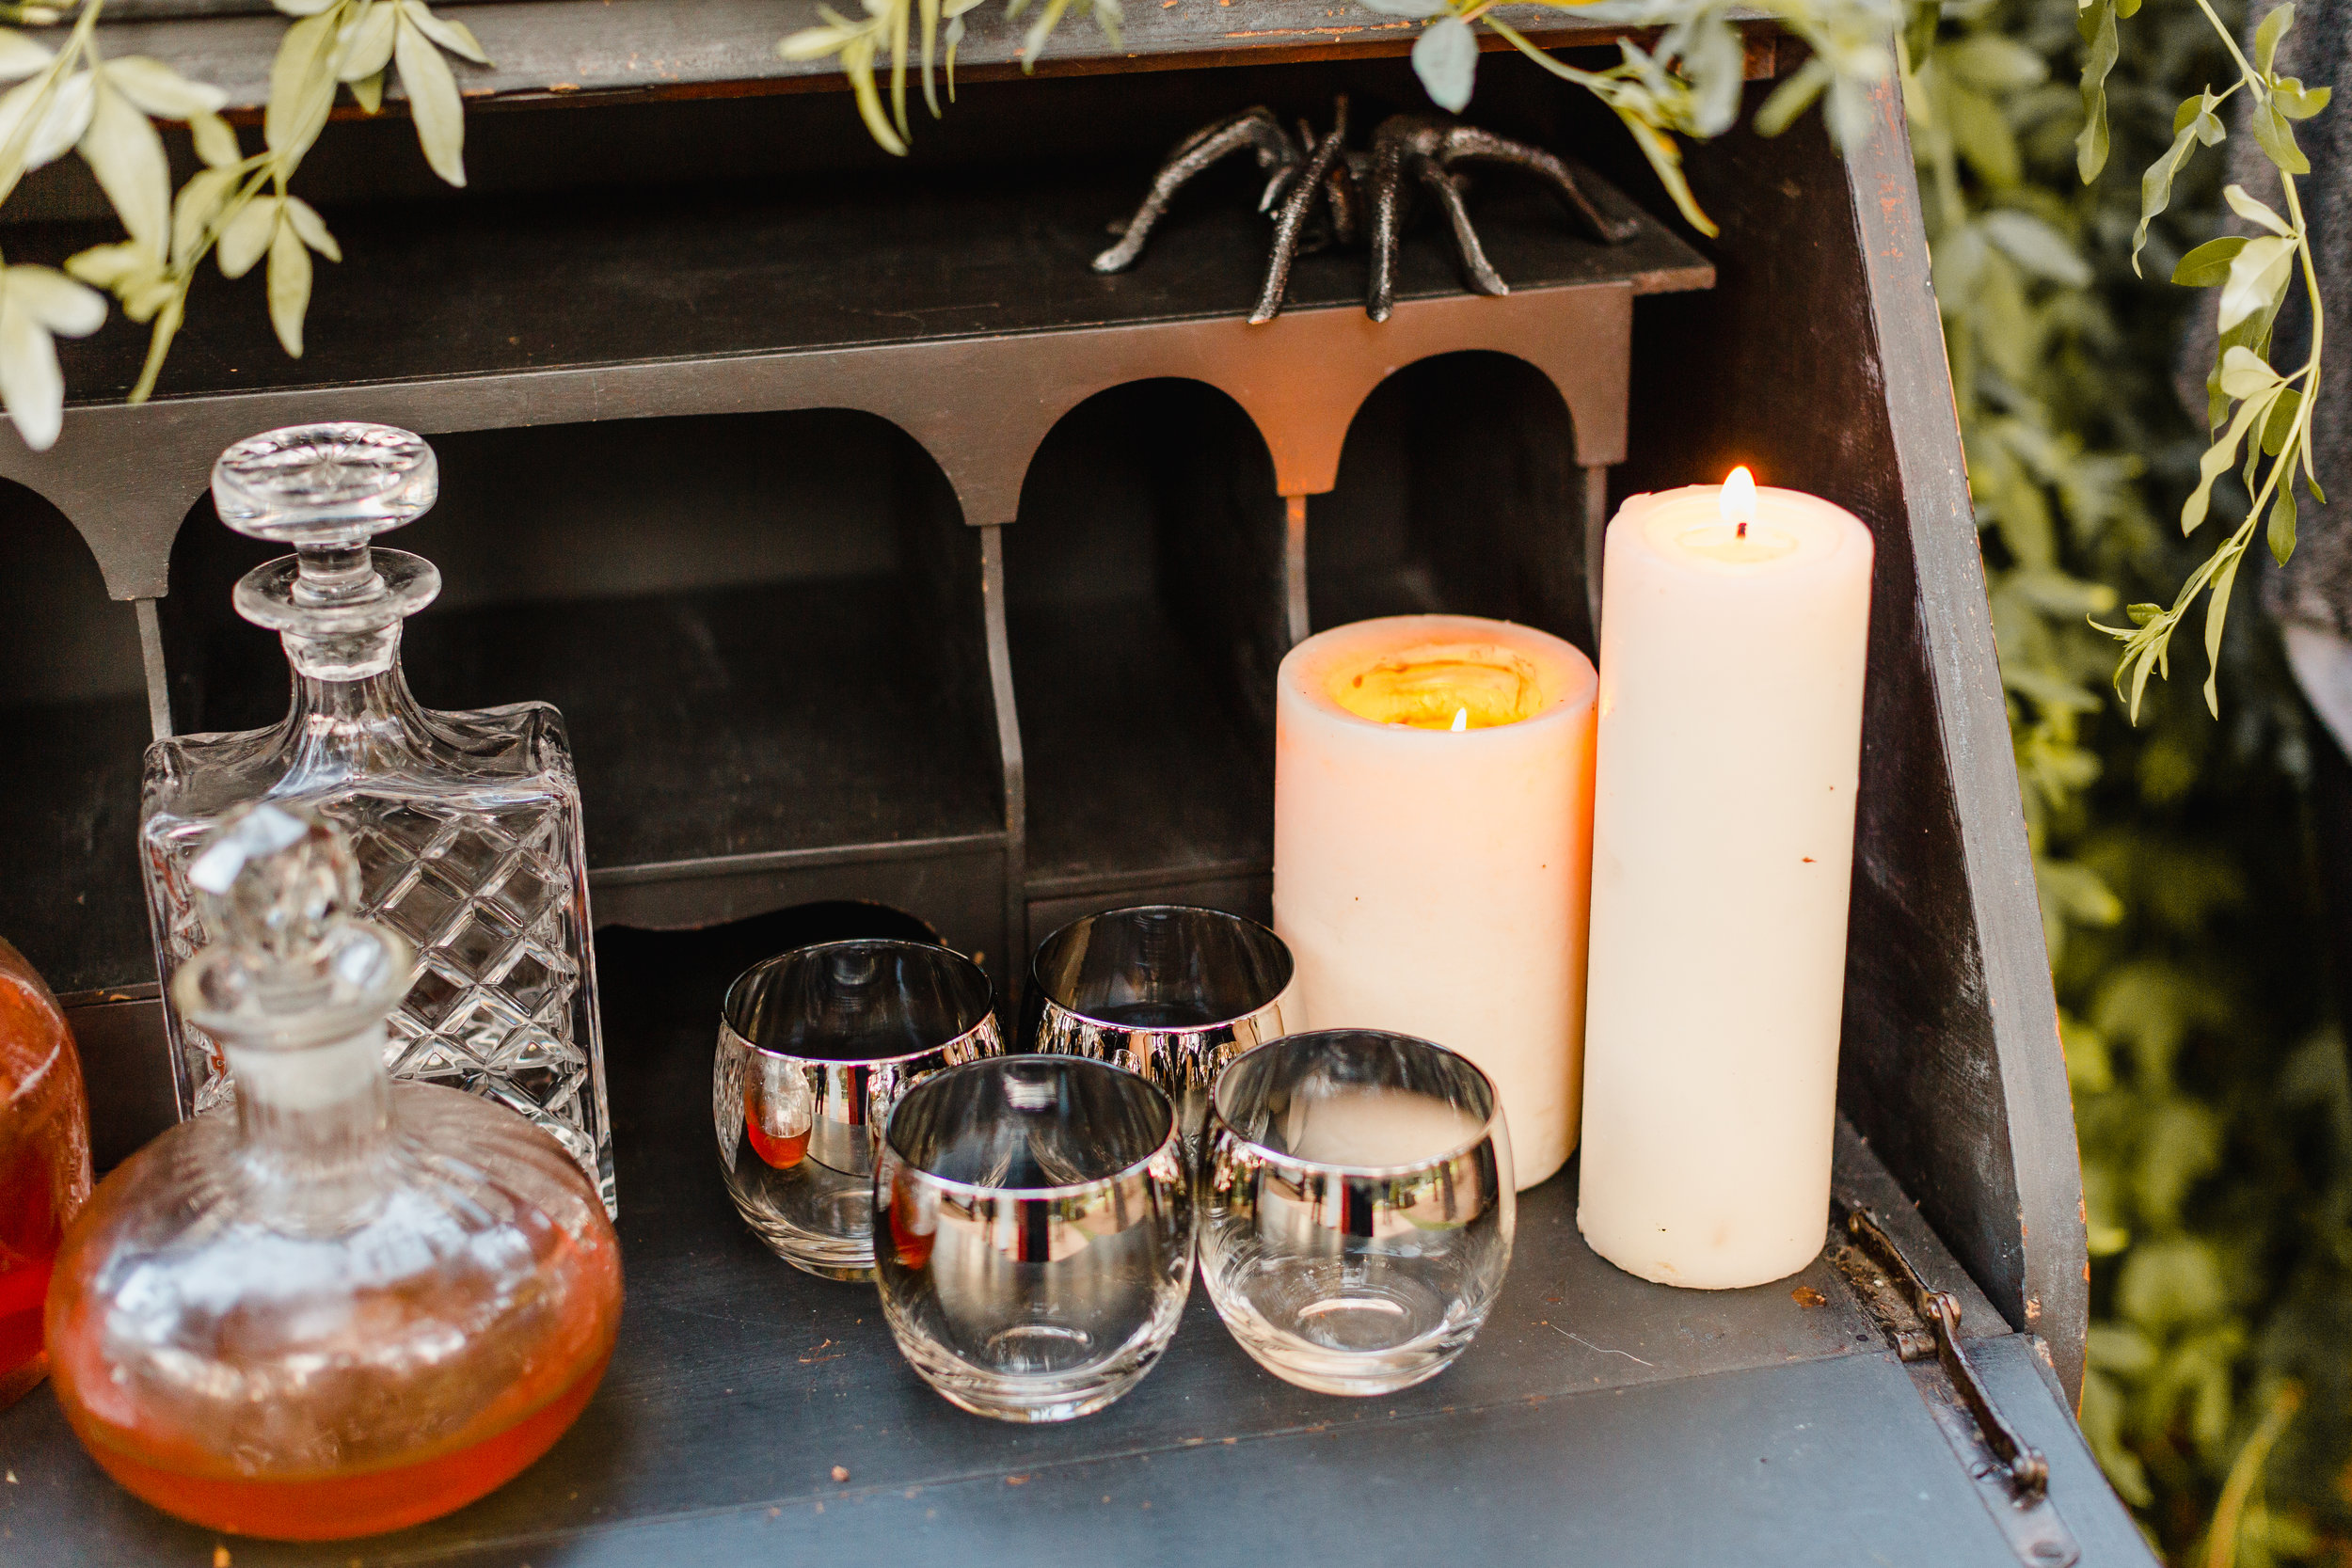 Clear Glassware - $2.00